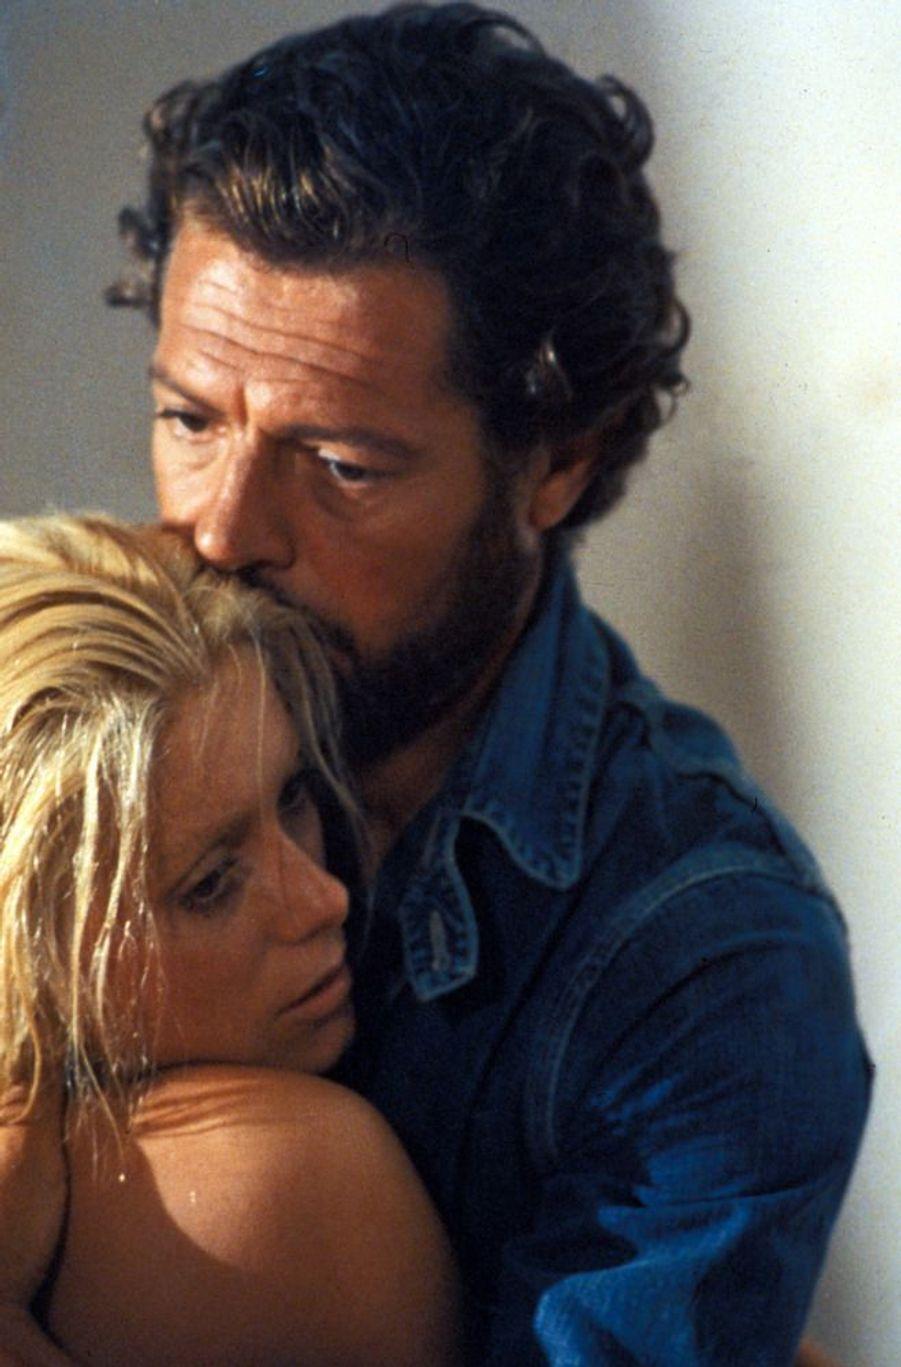 """Ils se rencontrent en 1971 sur le tournage de """"Liza"""" de Marco Ferreri. Ils tourneront cinq films ensemble. En 1972,Catherine Deneuve donne naissance à leur fille, Chiara Mastroianni. Le couple se sépare en 1975, mais restent bons amis.Catherine sera ainsi au chevet de Marcello, au moment de sa mort du cancer en 1996.Film : """"Liza"""", 1972"""